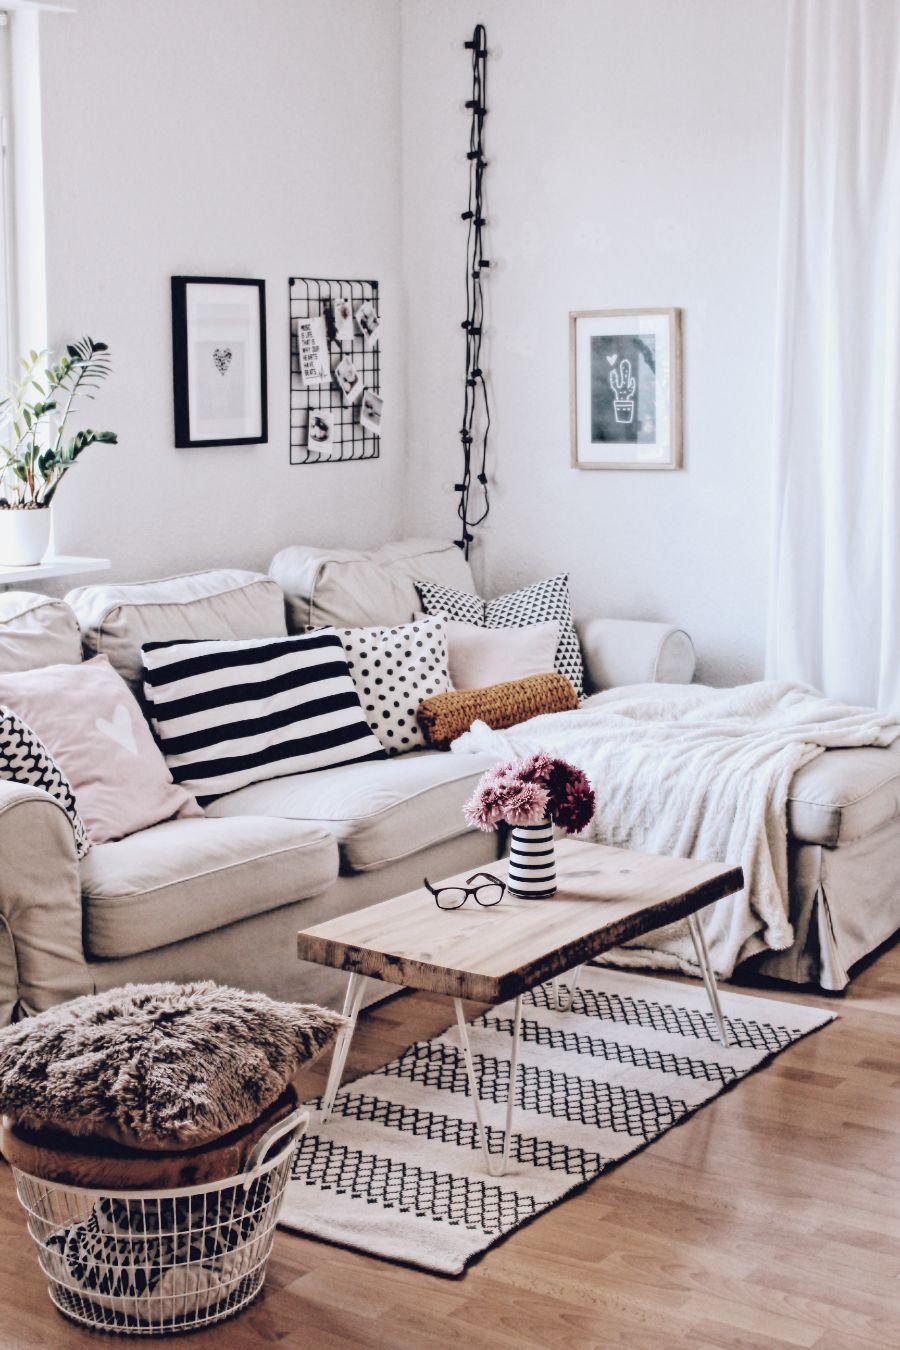 Neues Aus Dem Wohnzimmer Kissenrolle Mit Textilgarn Living